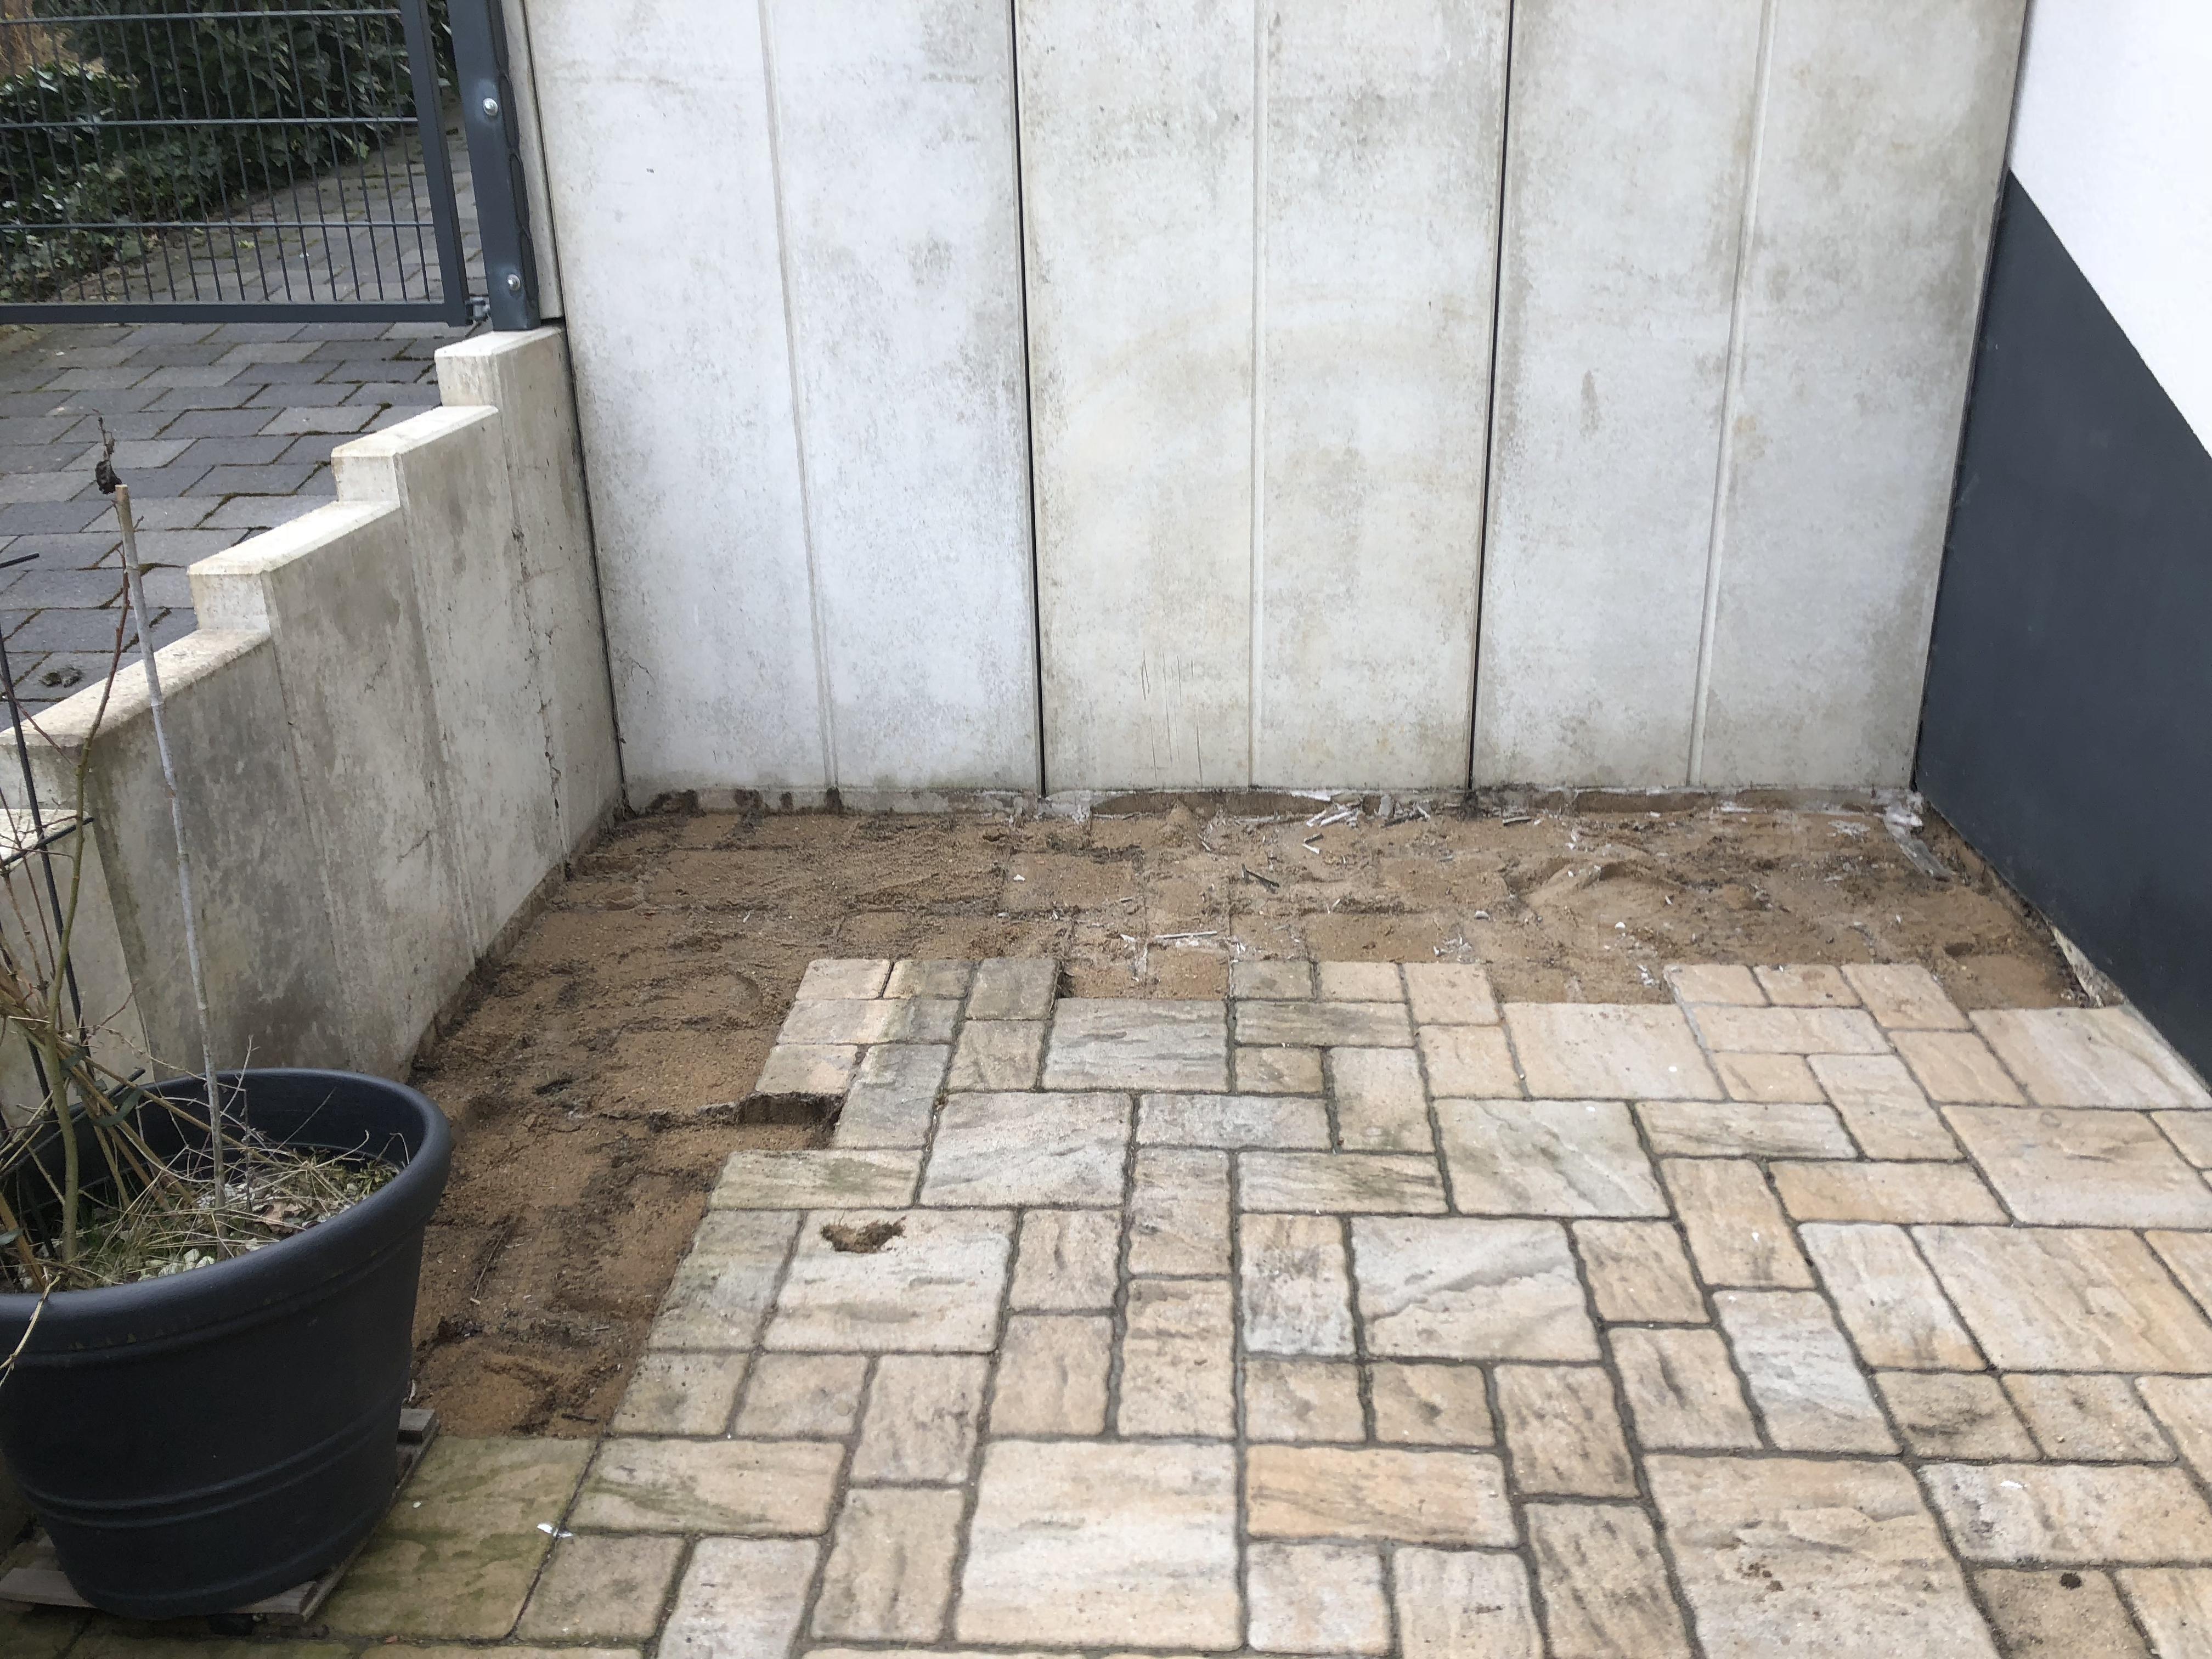 Steine Für Außenküche : Steine für außenküche: outdoorküche bau beispiele und fertige